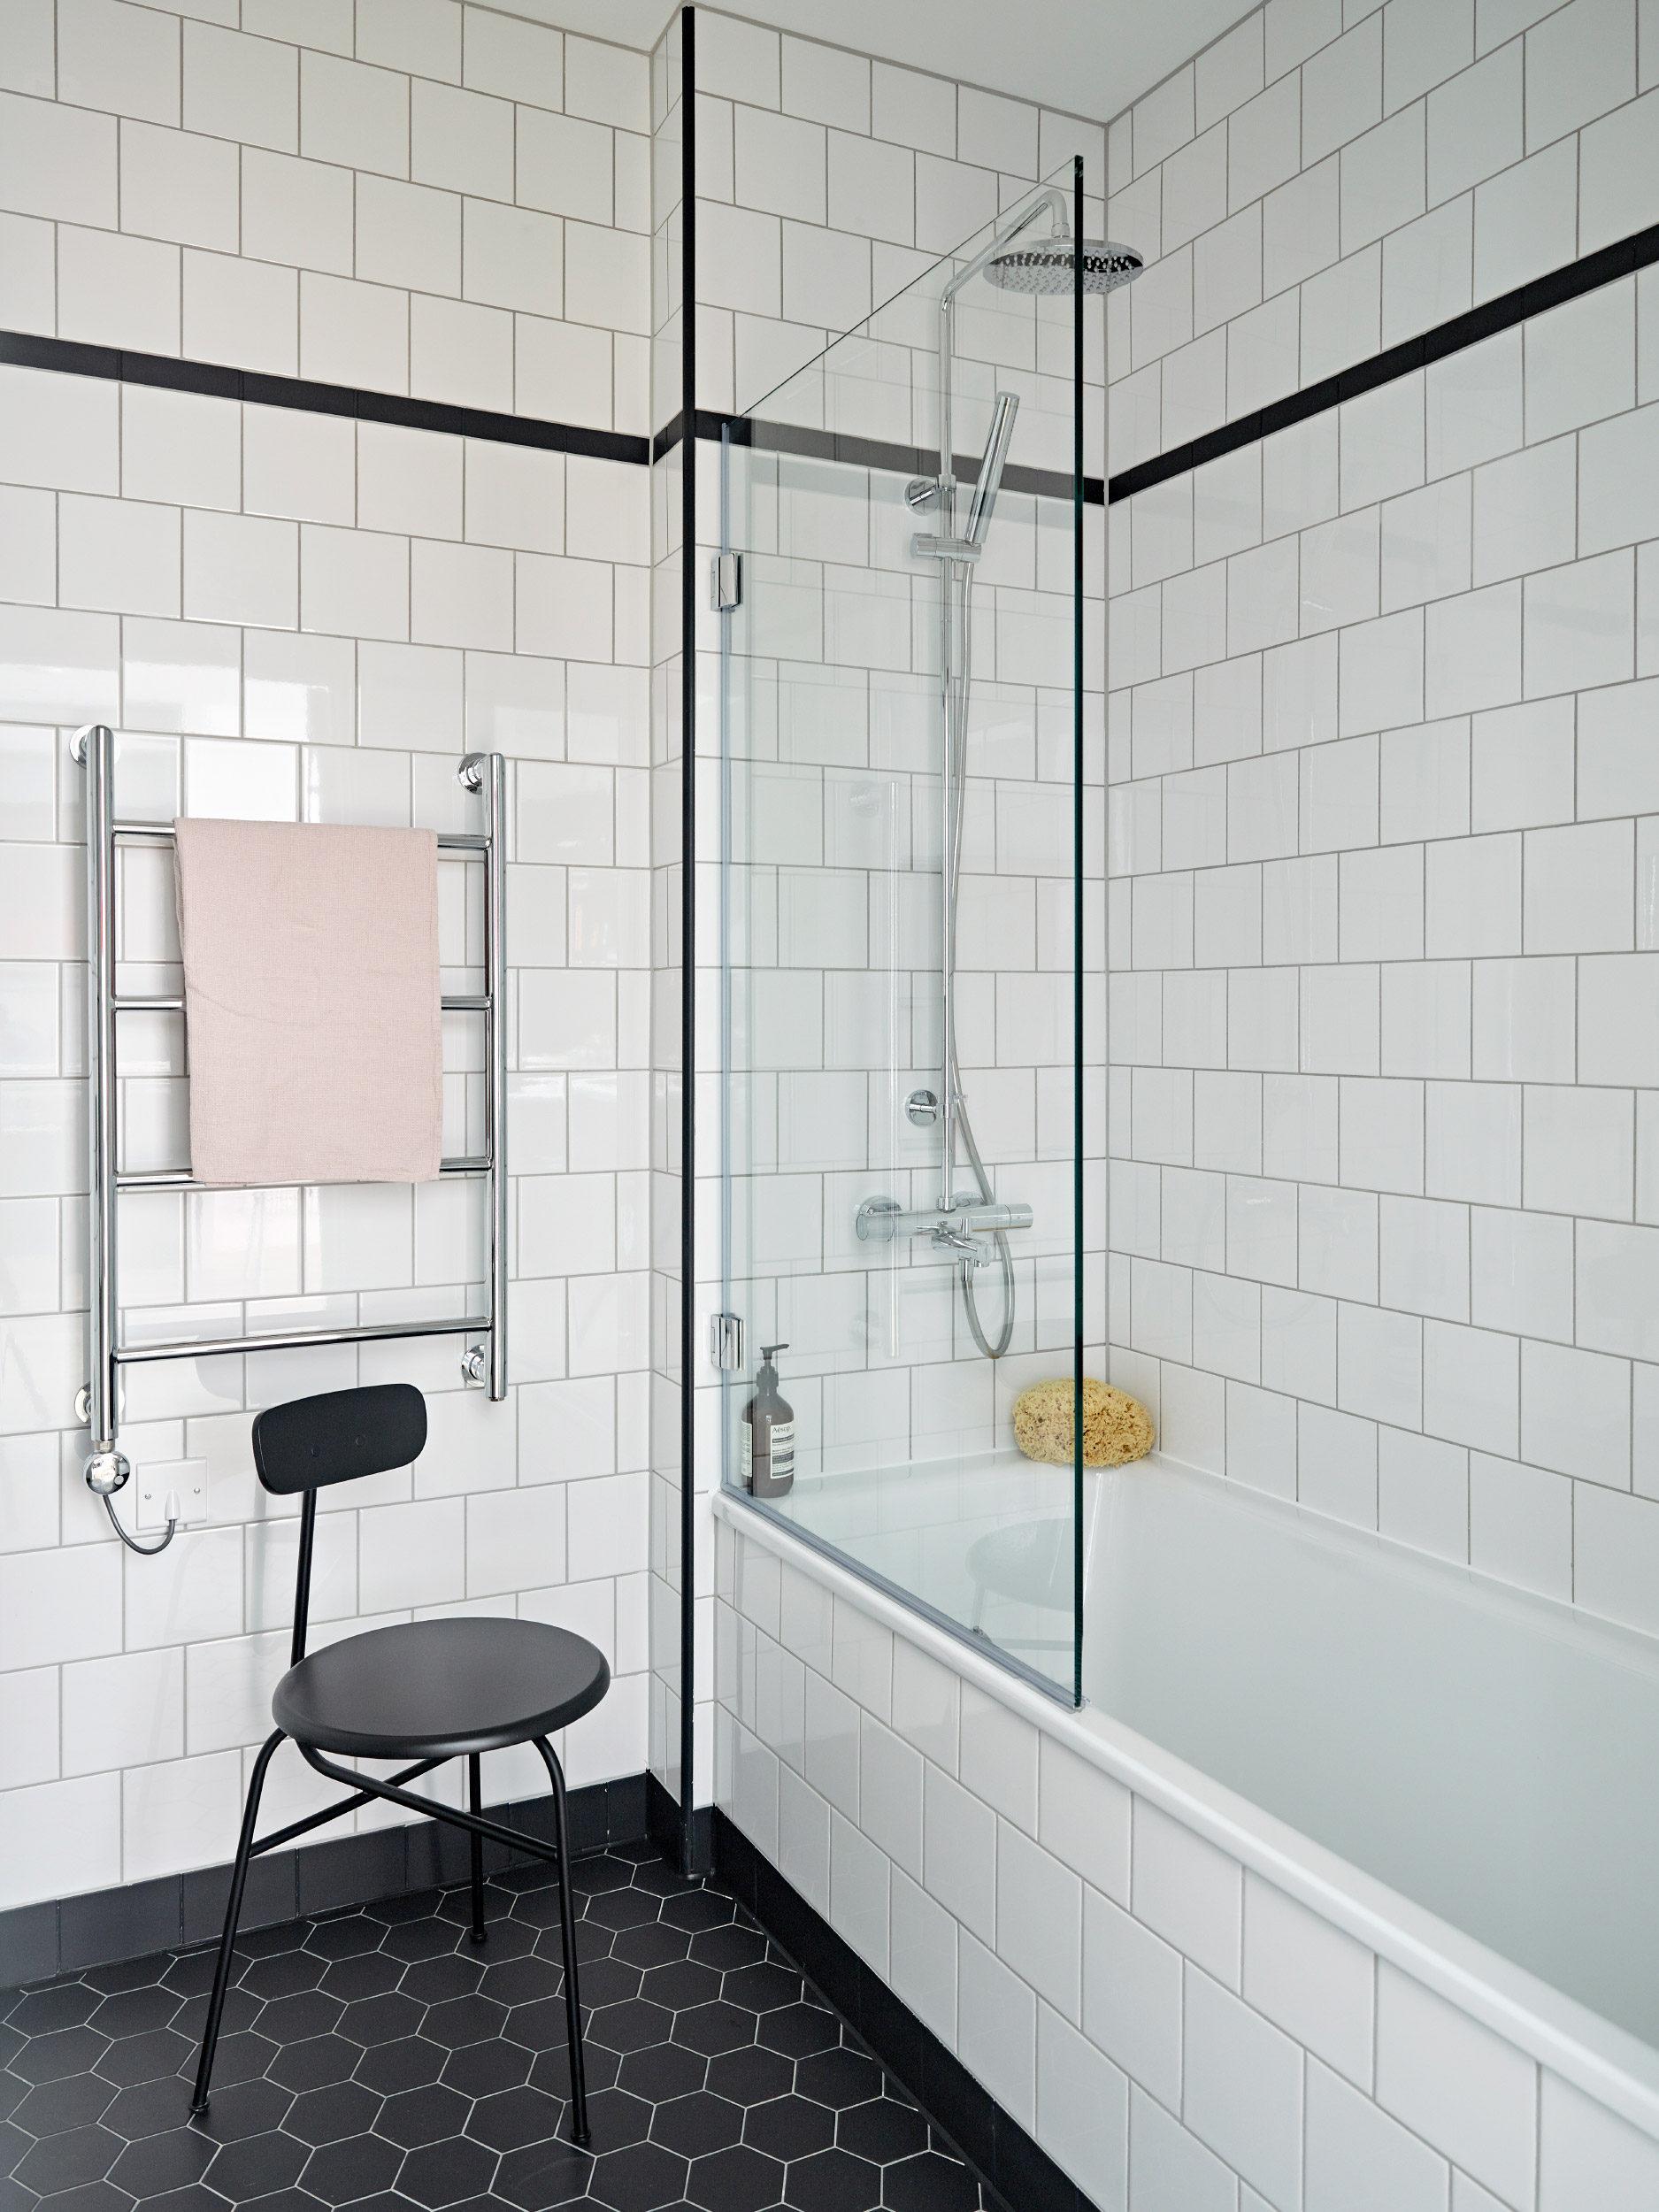 baie cu podea in alb si negru